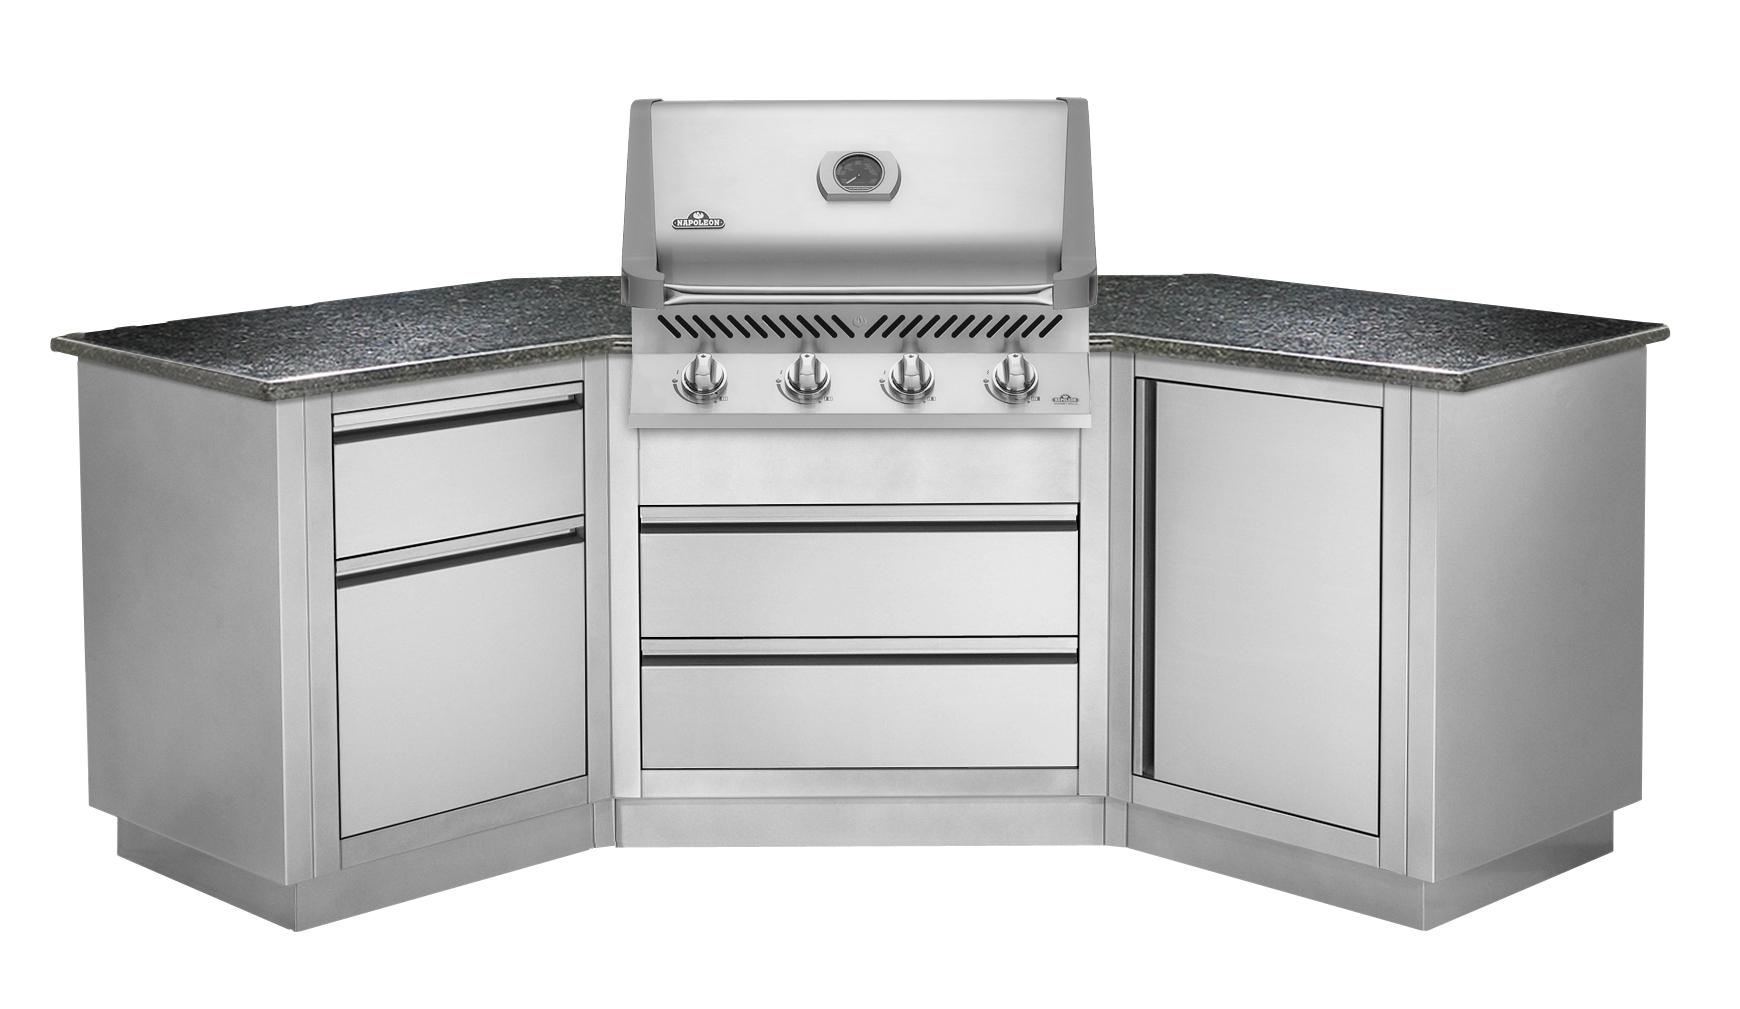 Gemauerte Küchen war perfekt design für ihr haus ideen